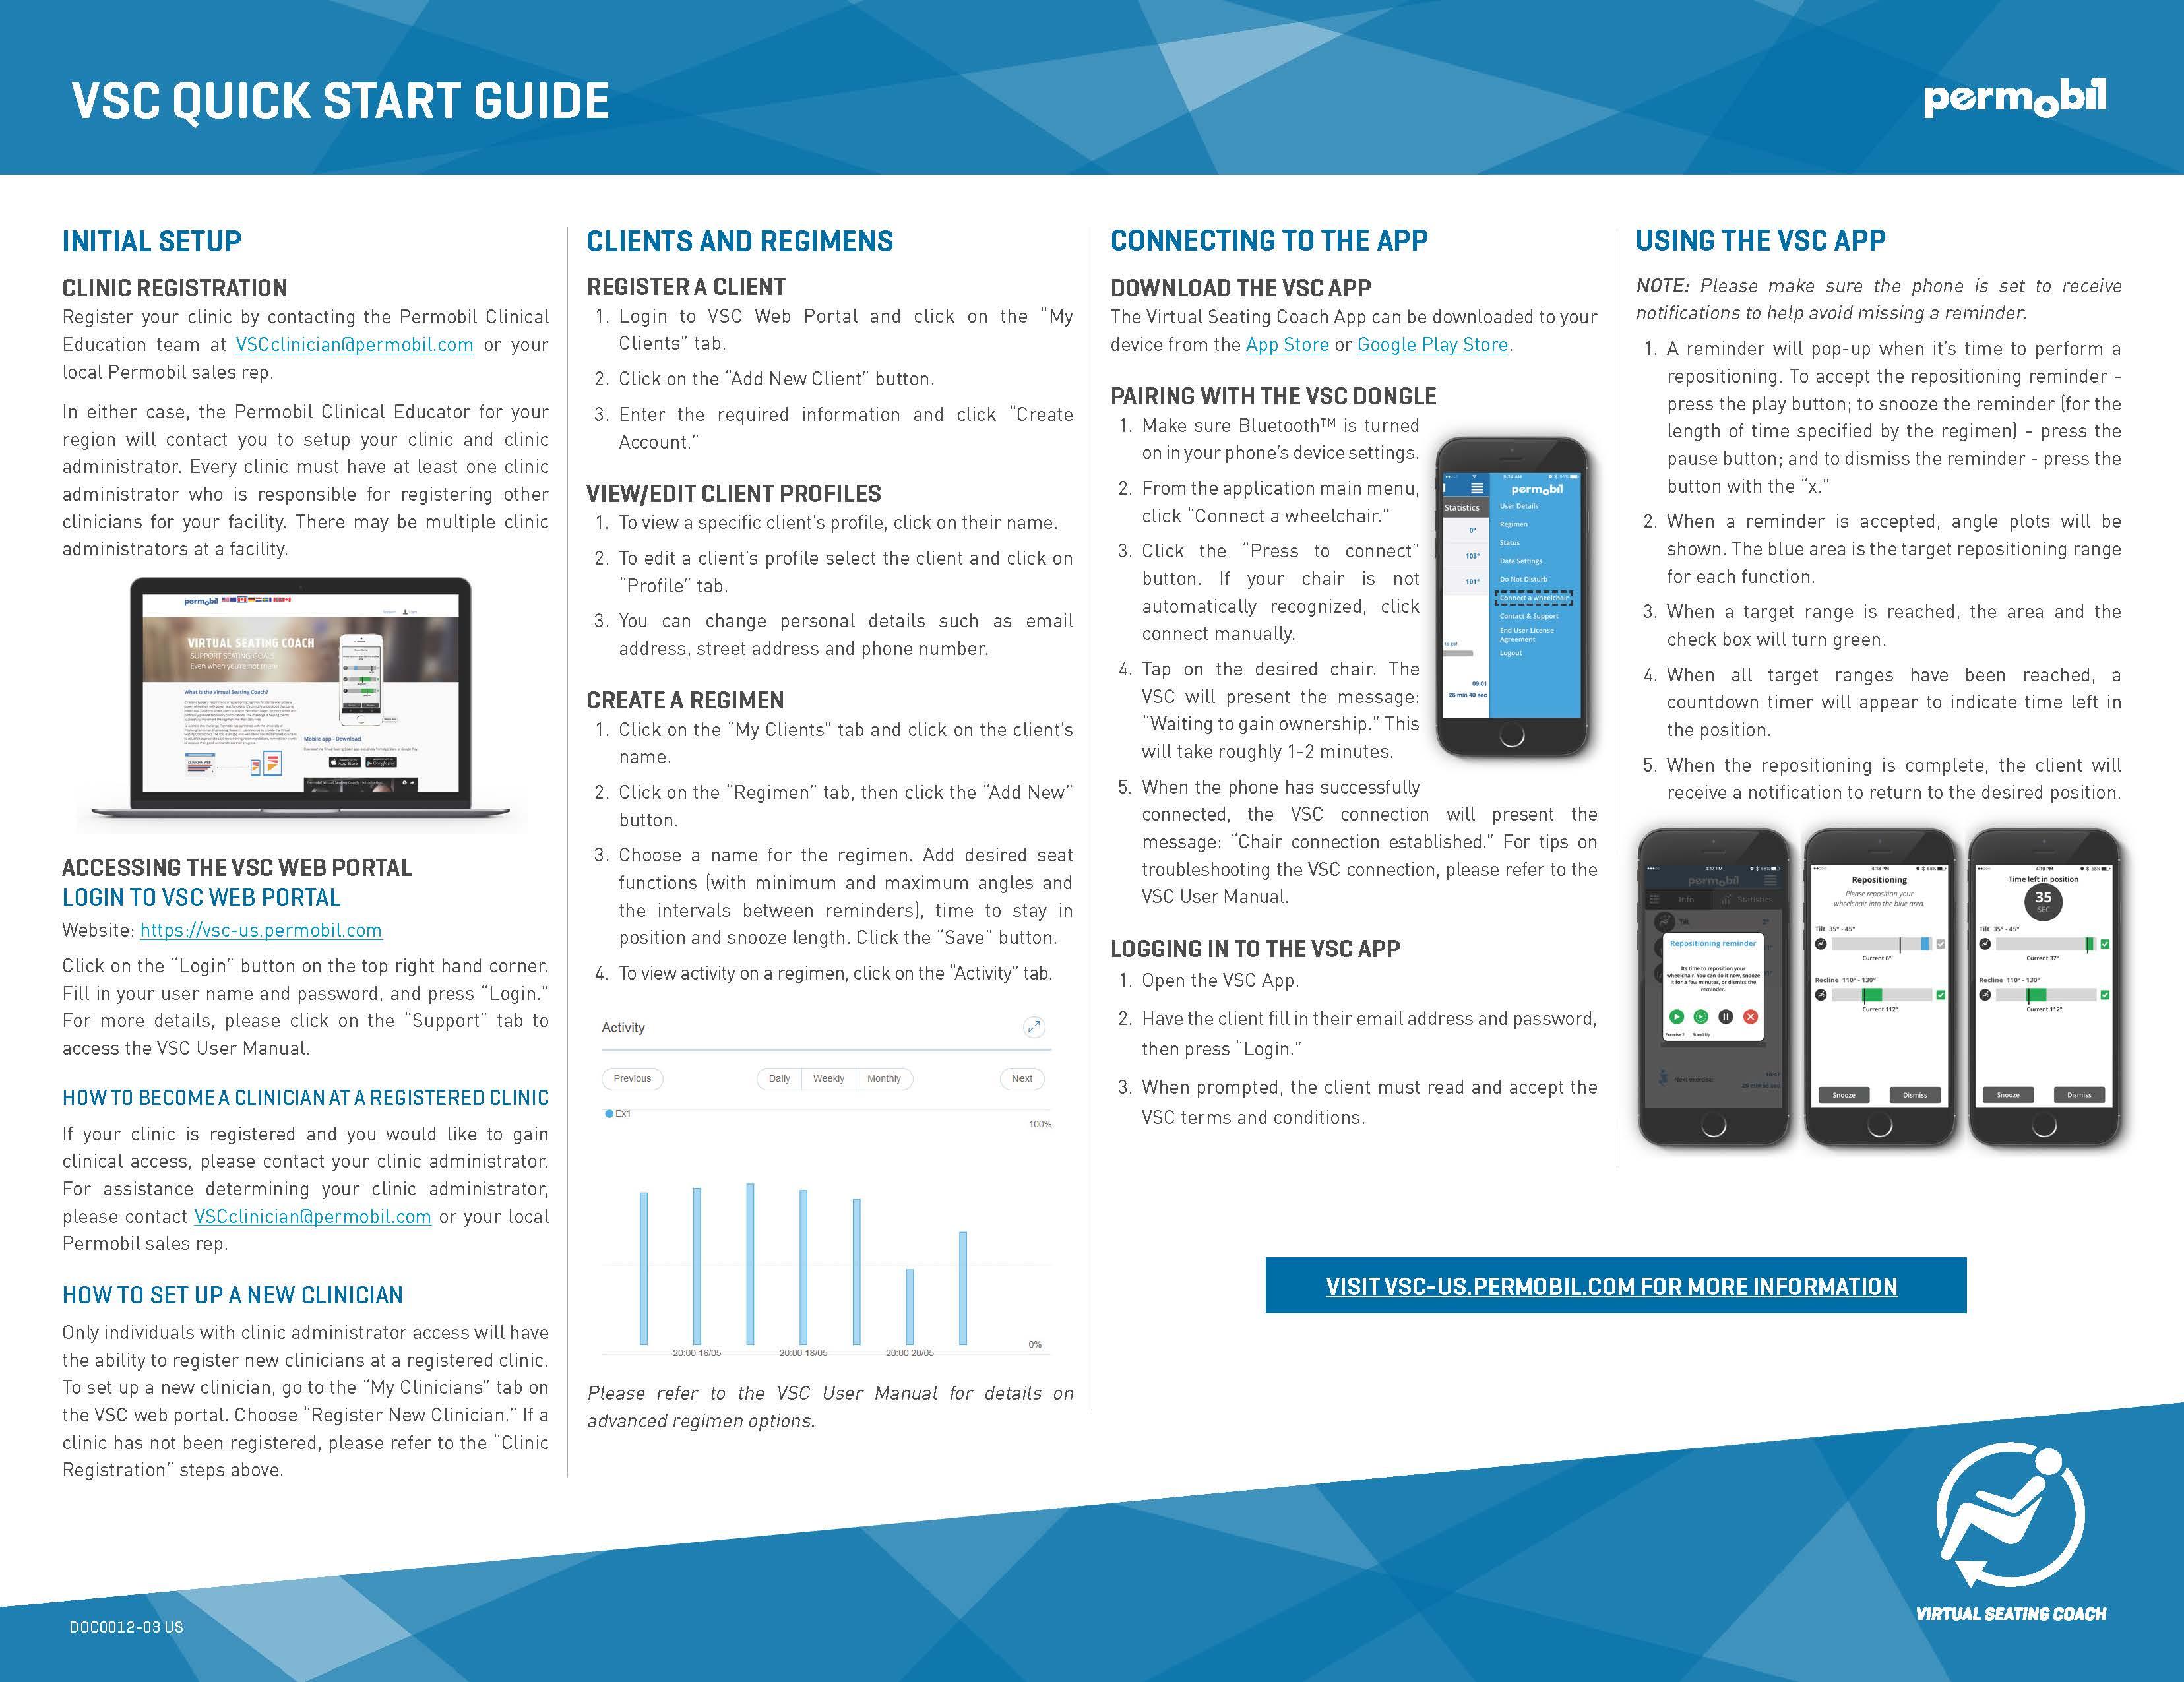 Permobil_VSC_Quick_Start_Guide